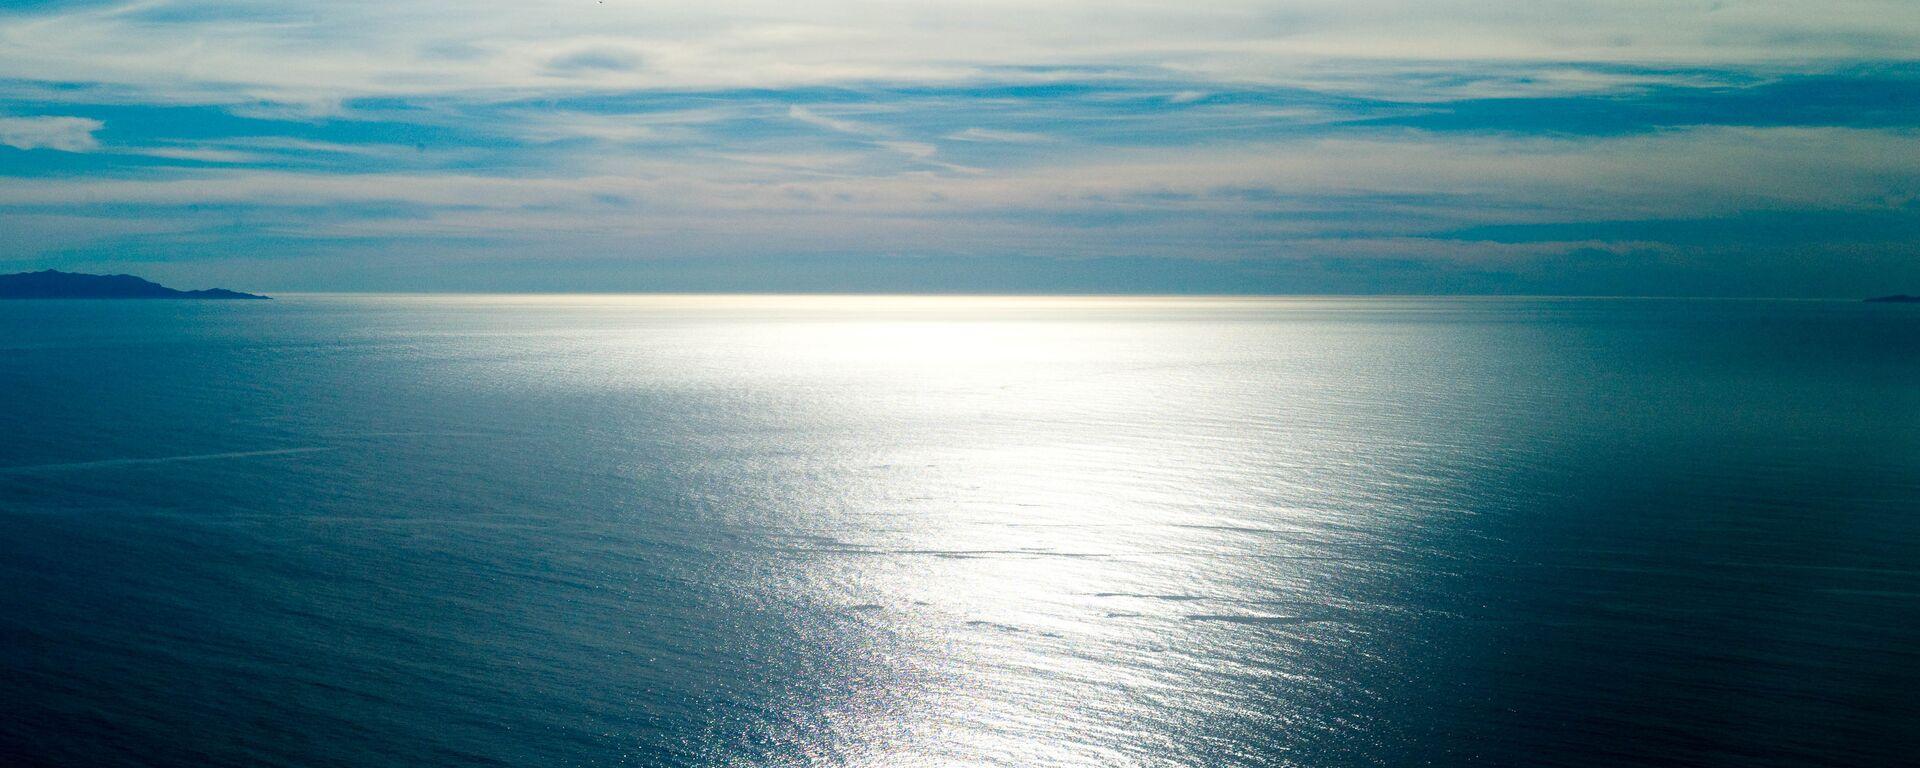 Océano Pacífico - Sputnik Mundo, 1920, 31.07.2019